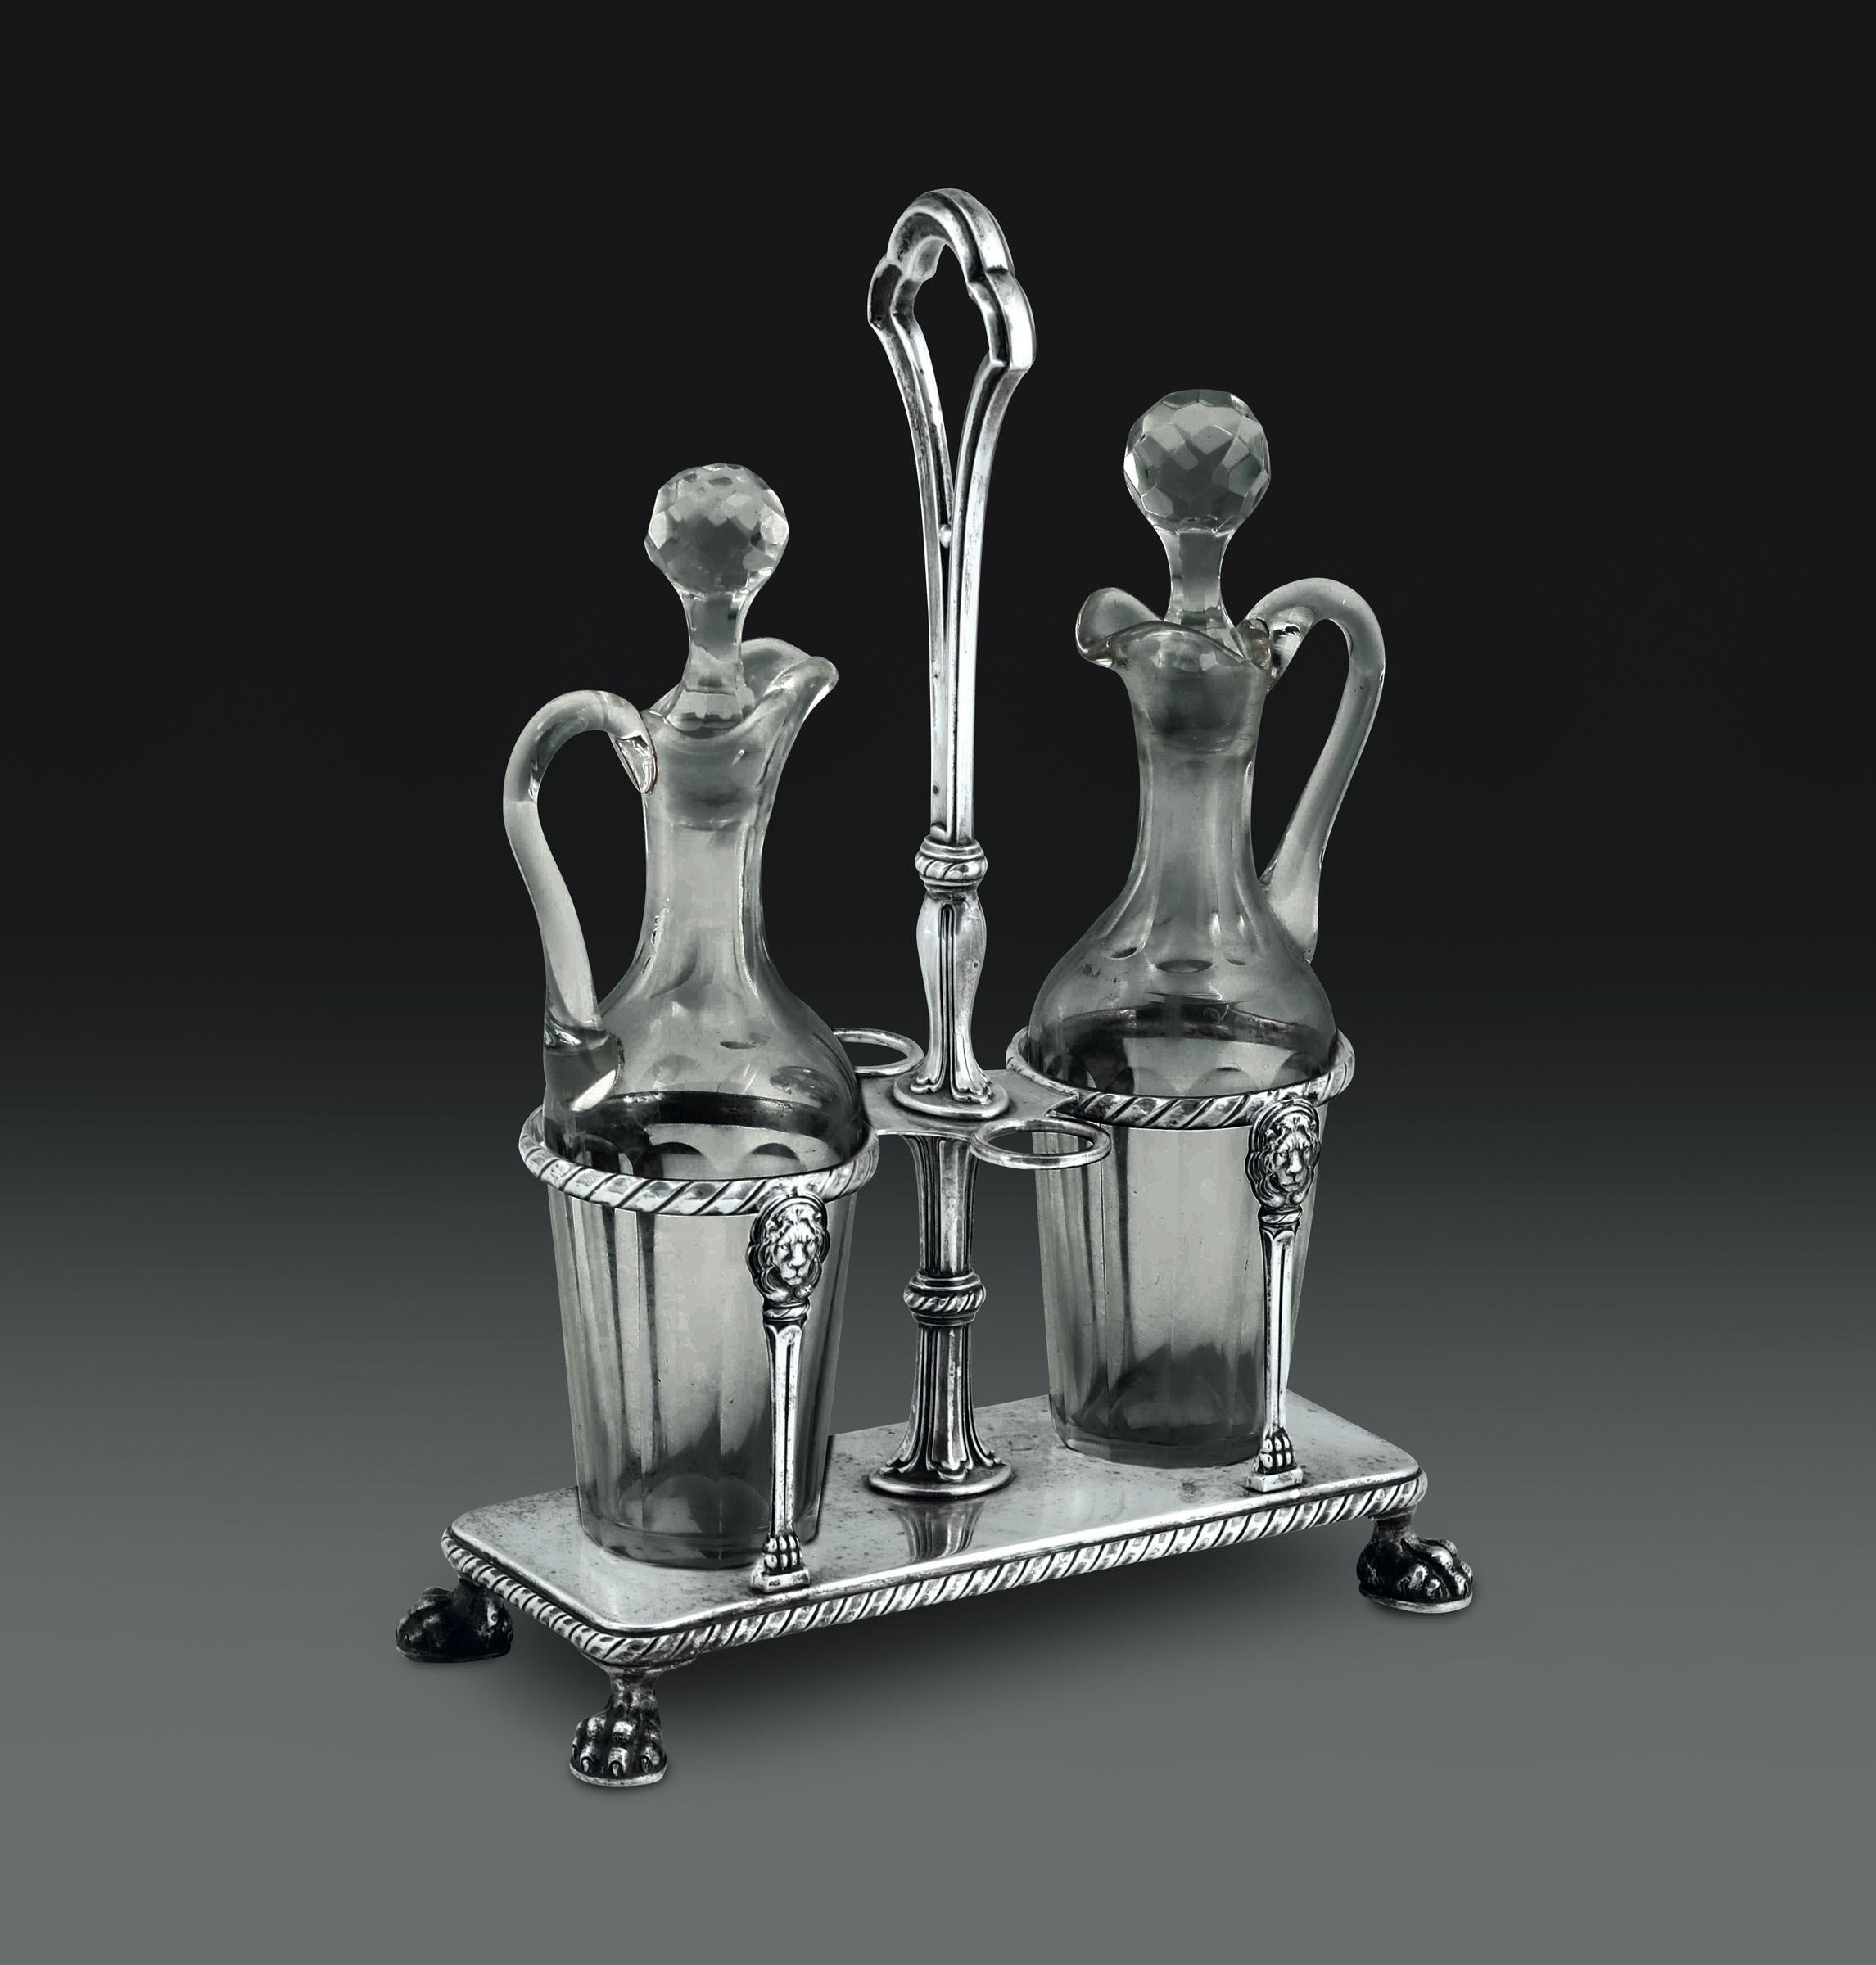 Oliera in argento e ampolle in vetro. Argenteria veneta del XX secolo, - - cm [...]